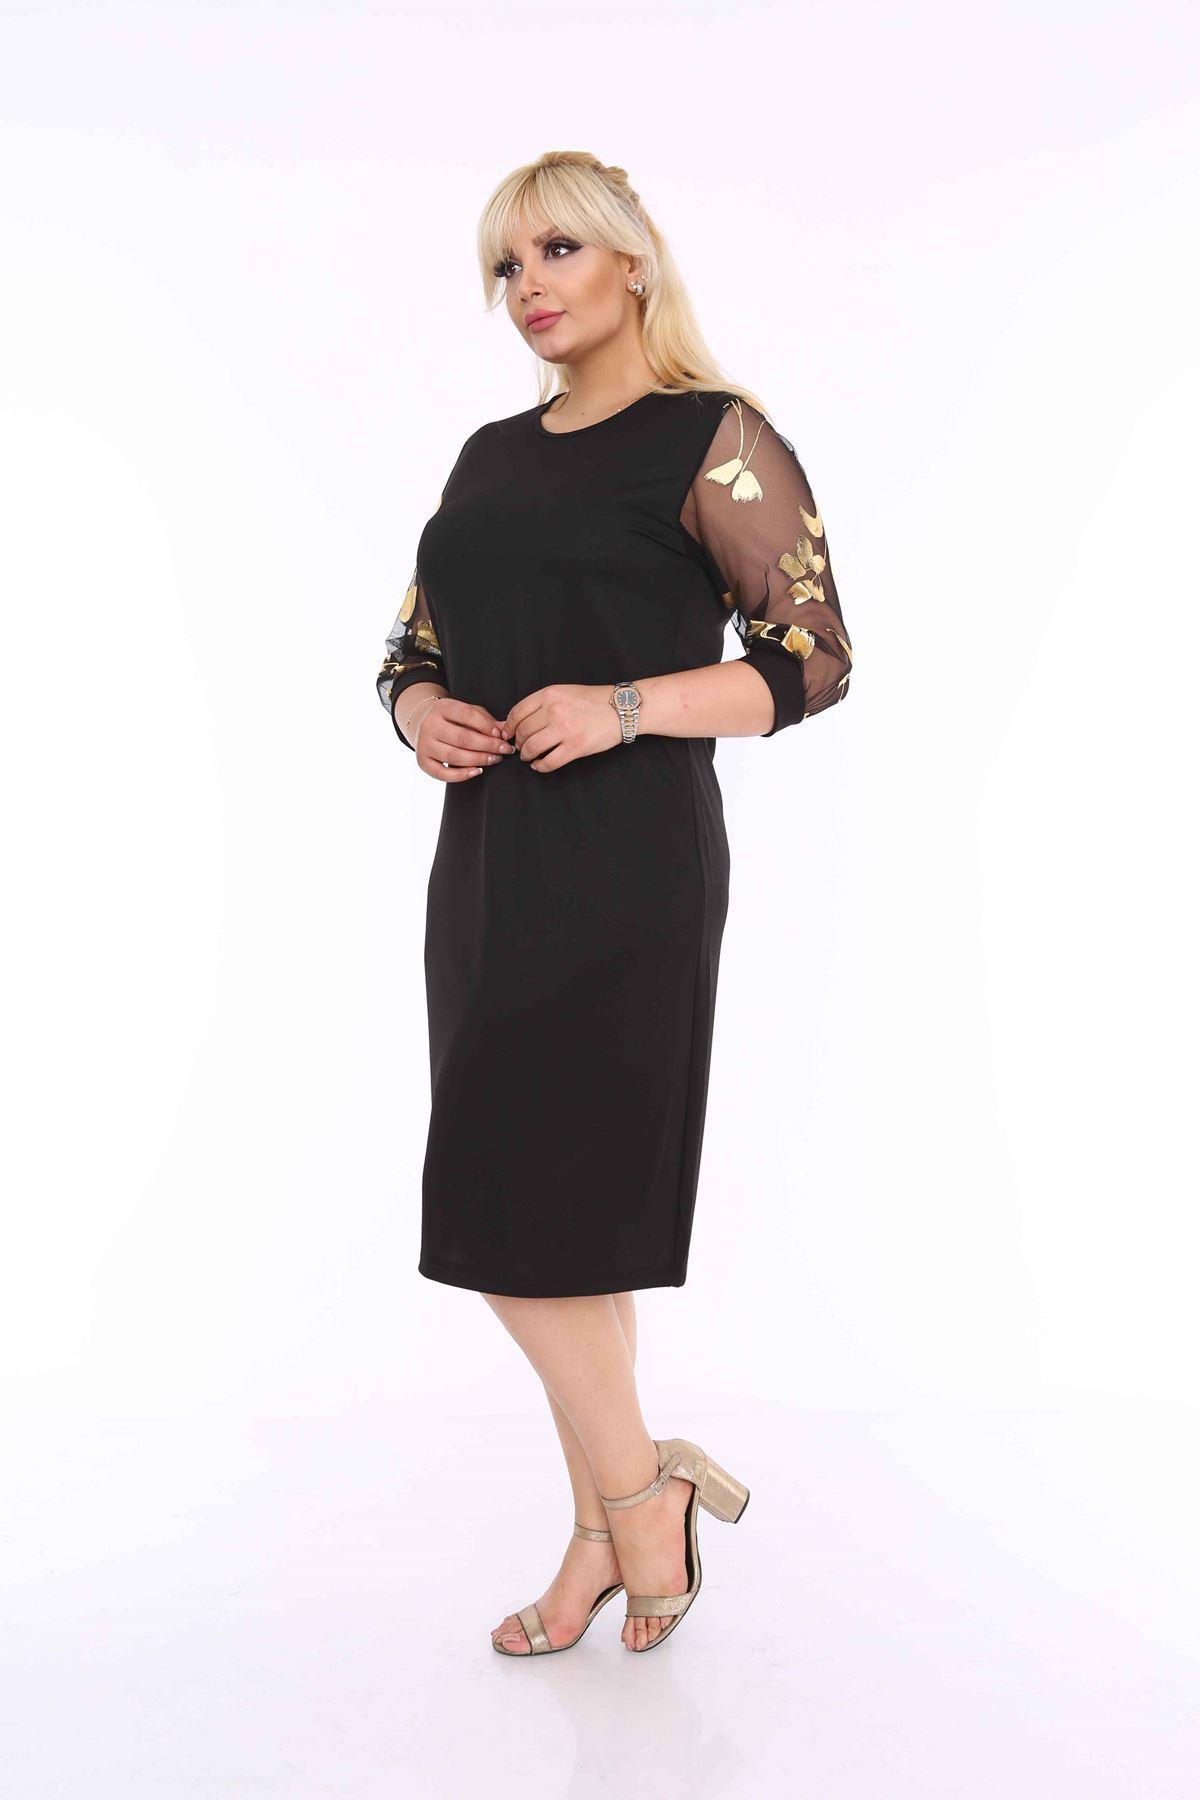 Varaklı Siyah Büyük Beden Elbise 4E-69955